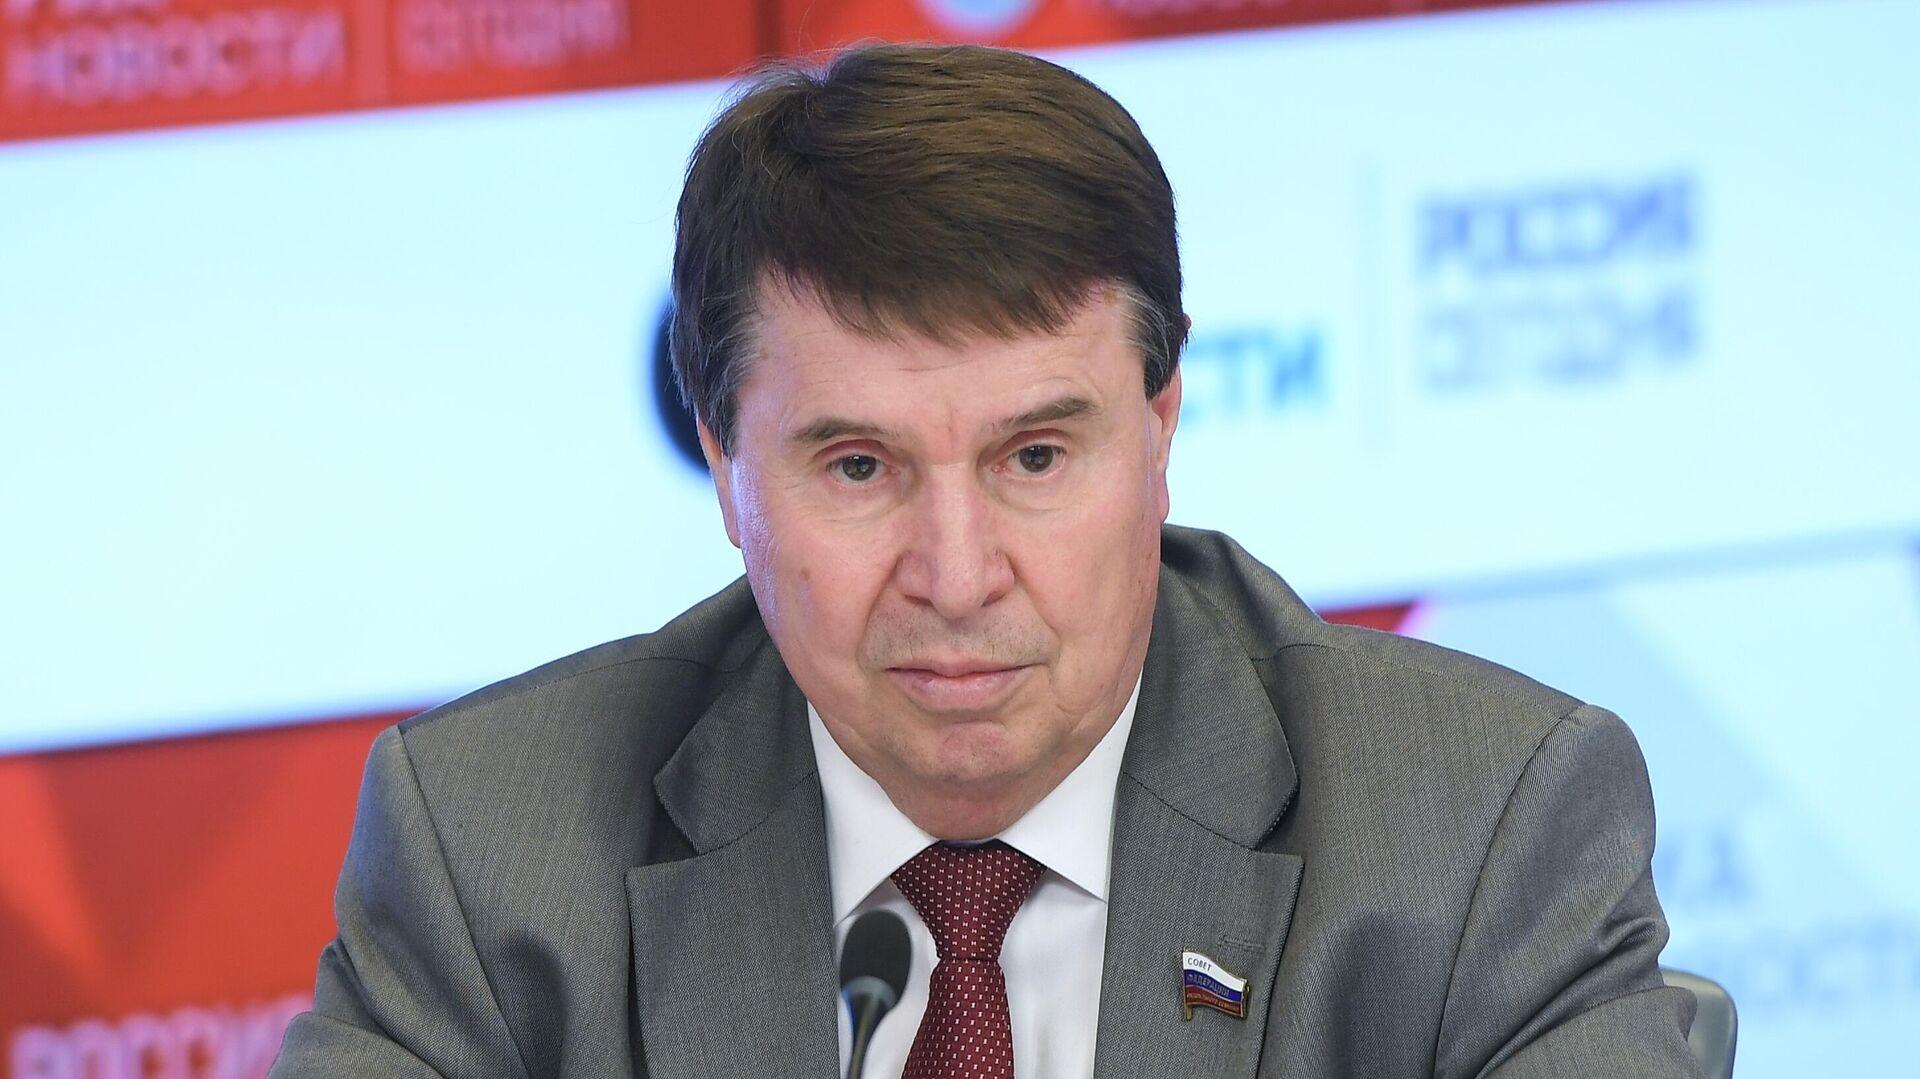 Член Комитета по международным делам Совета Федерации Сергей Цеков - РИА Новости, 1920, 06.03.2021